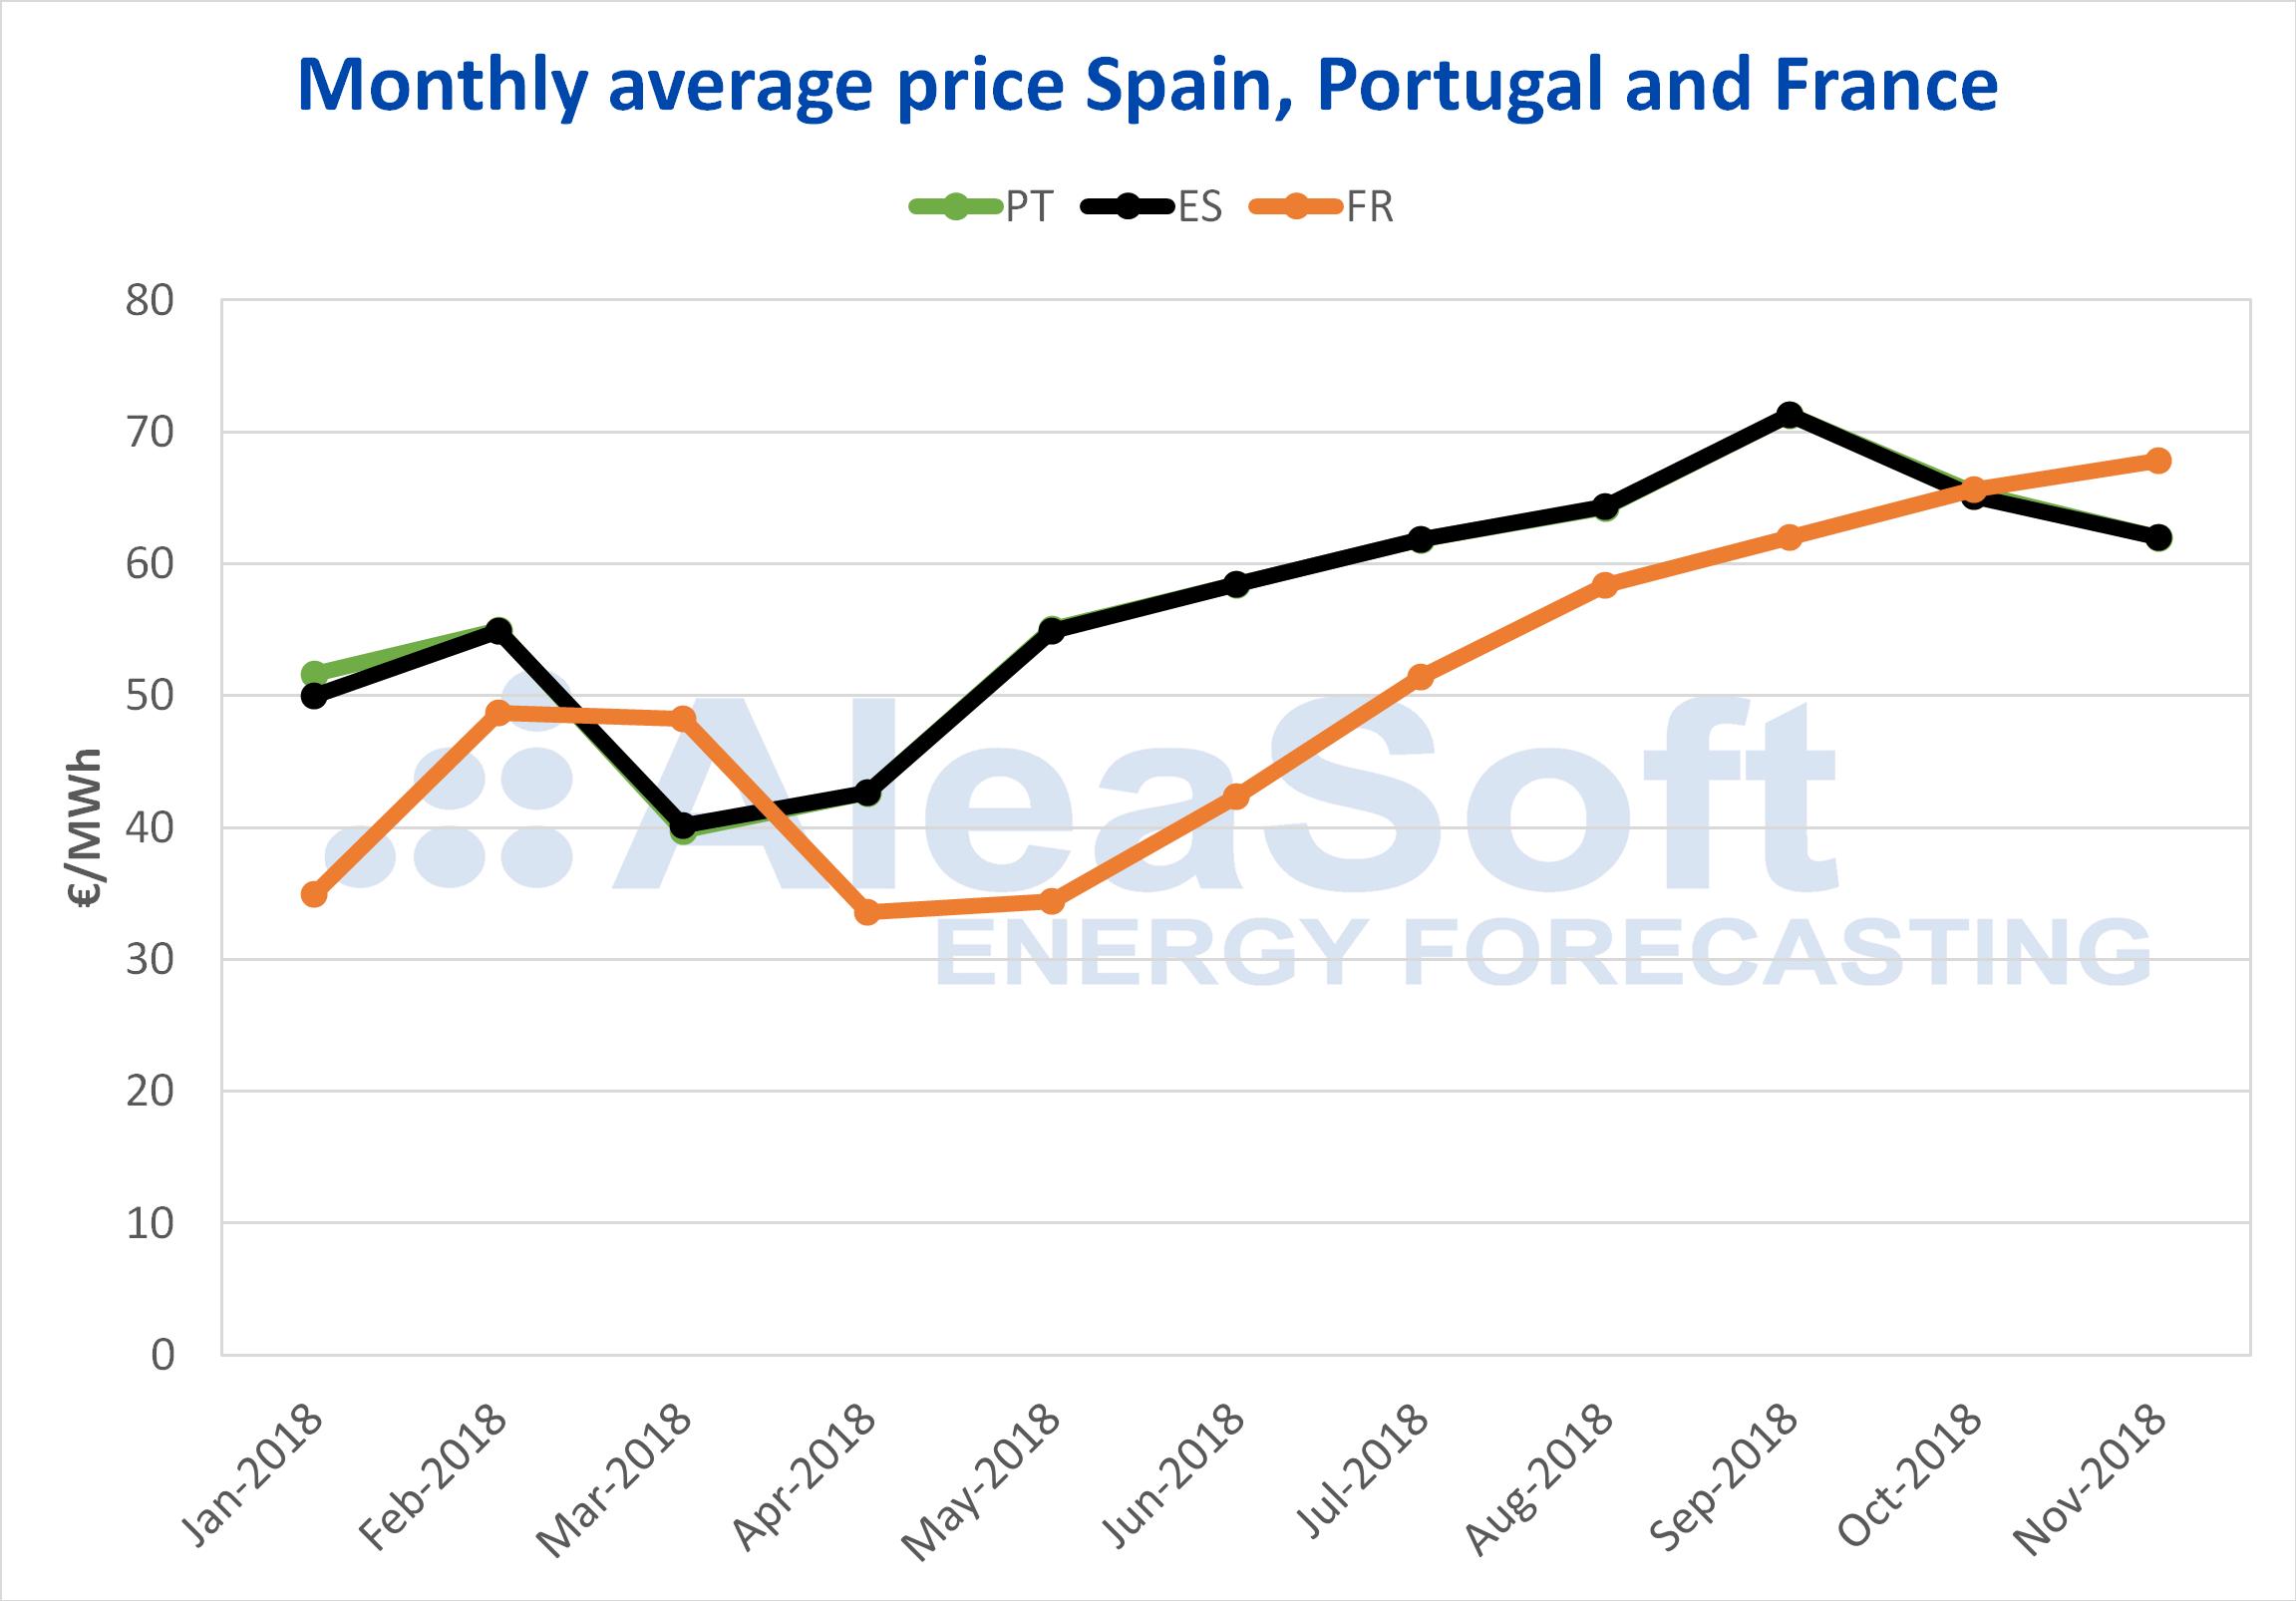 AleaSoft - Precio del mercado de electricidad España Portugal Francia